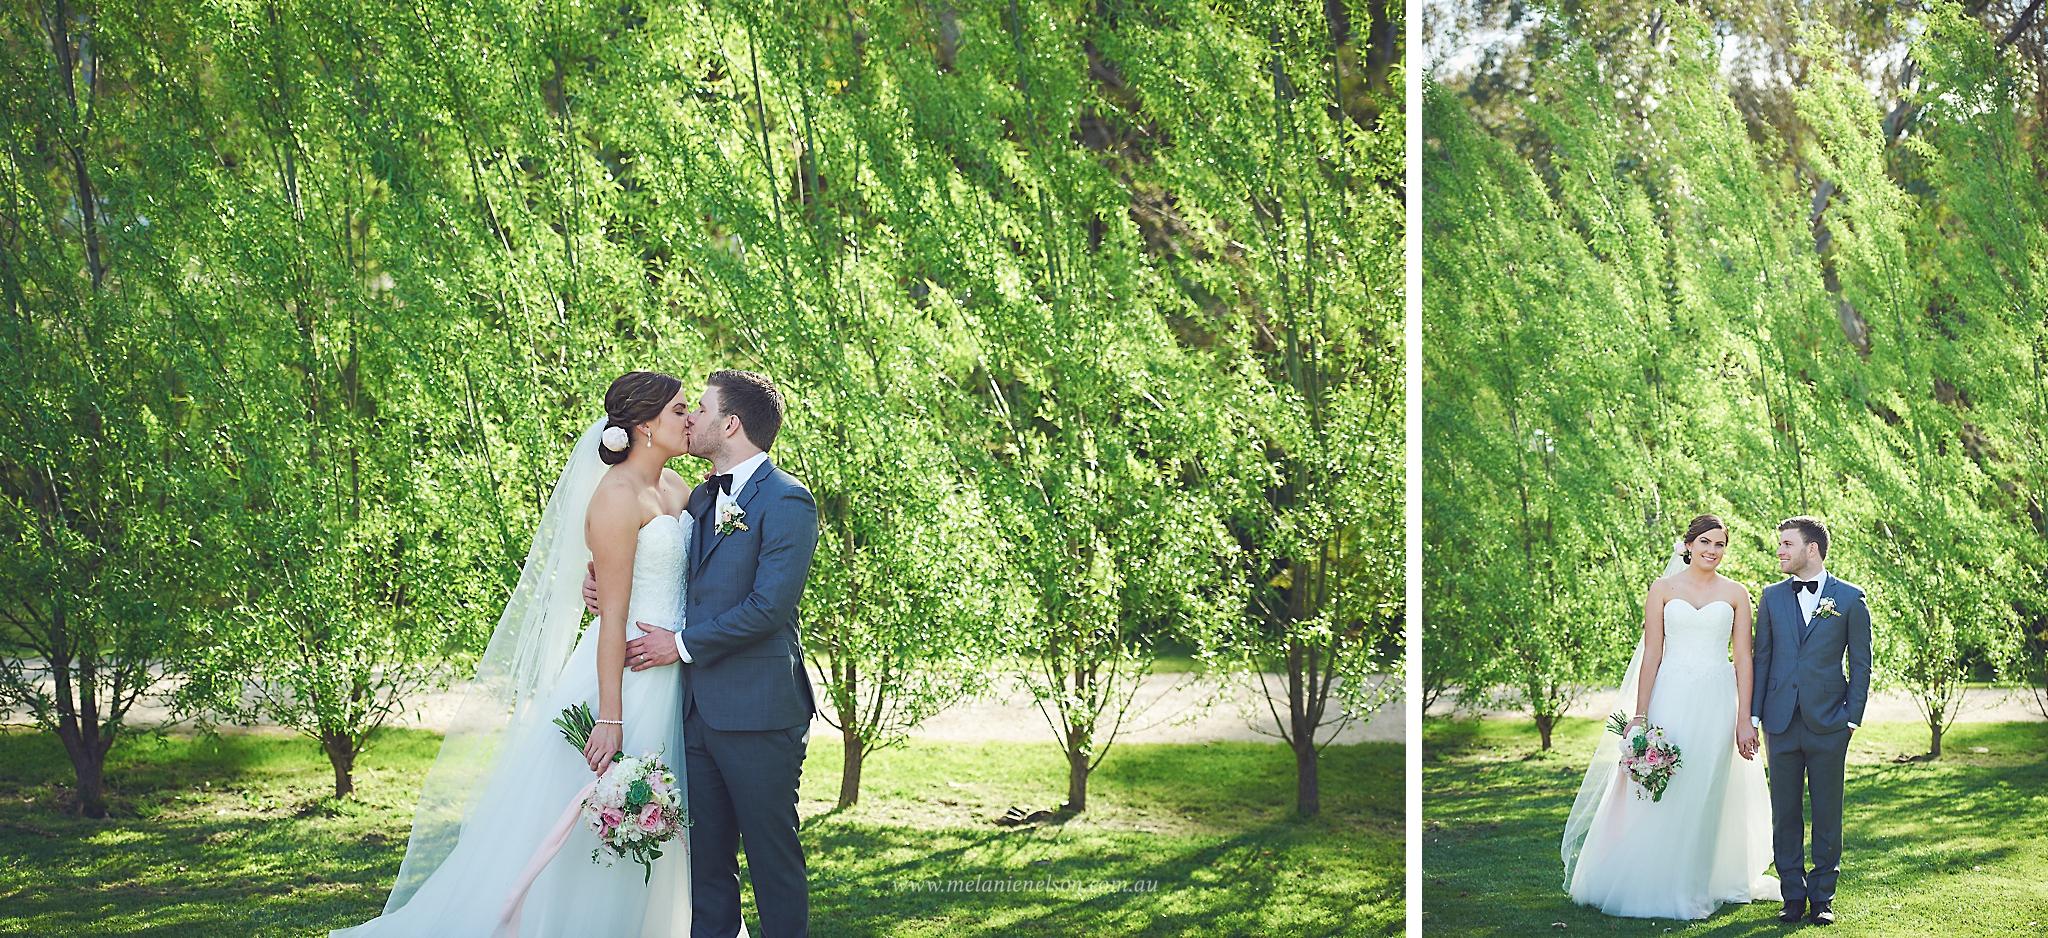 howards_vineyard_wedding_0010.jpg